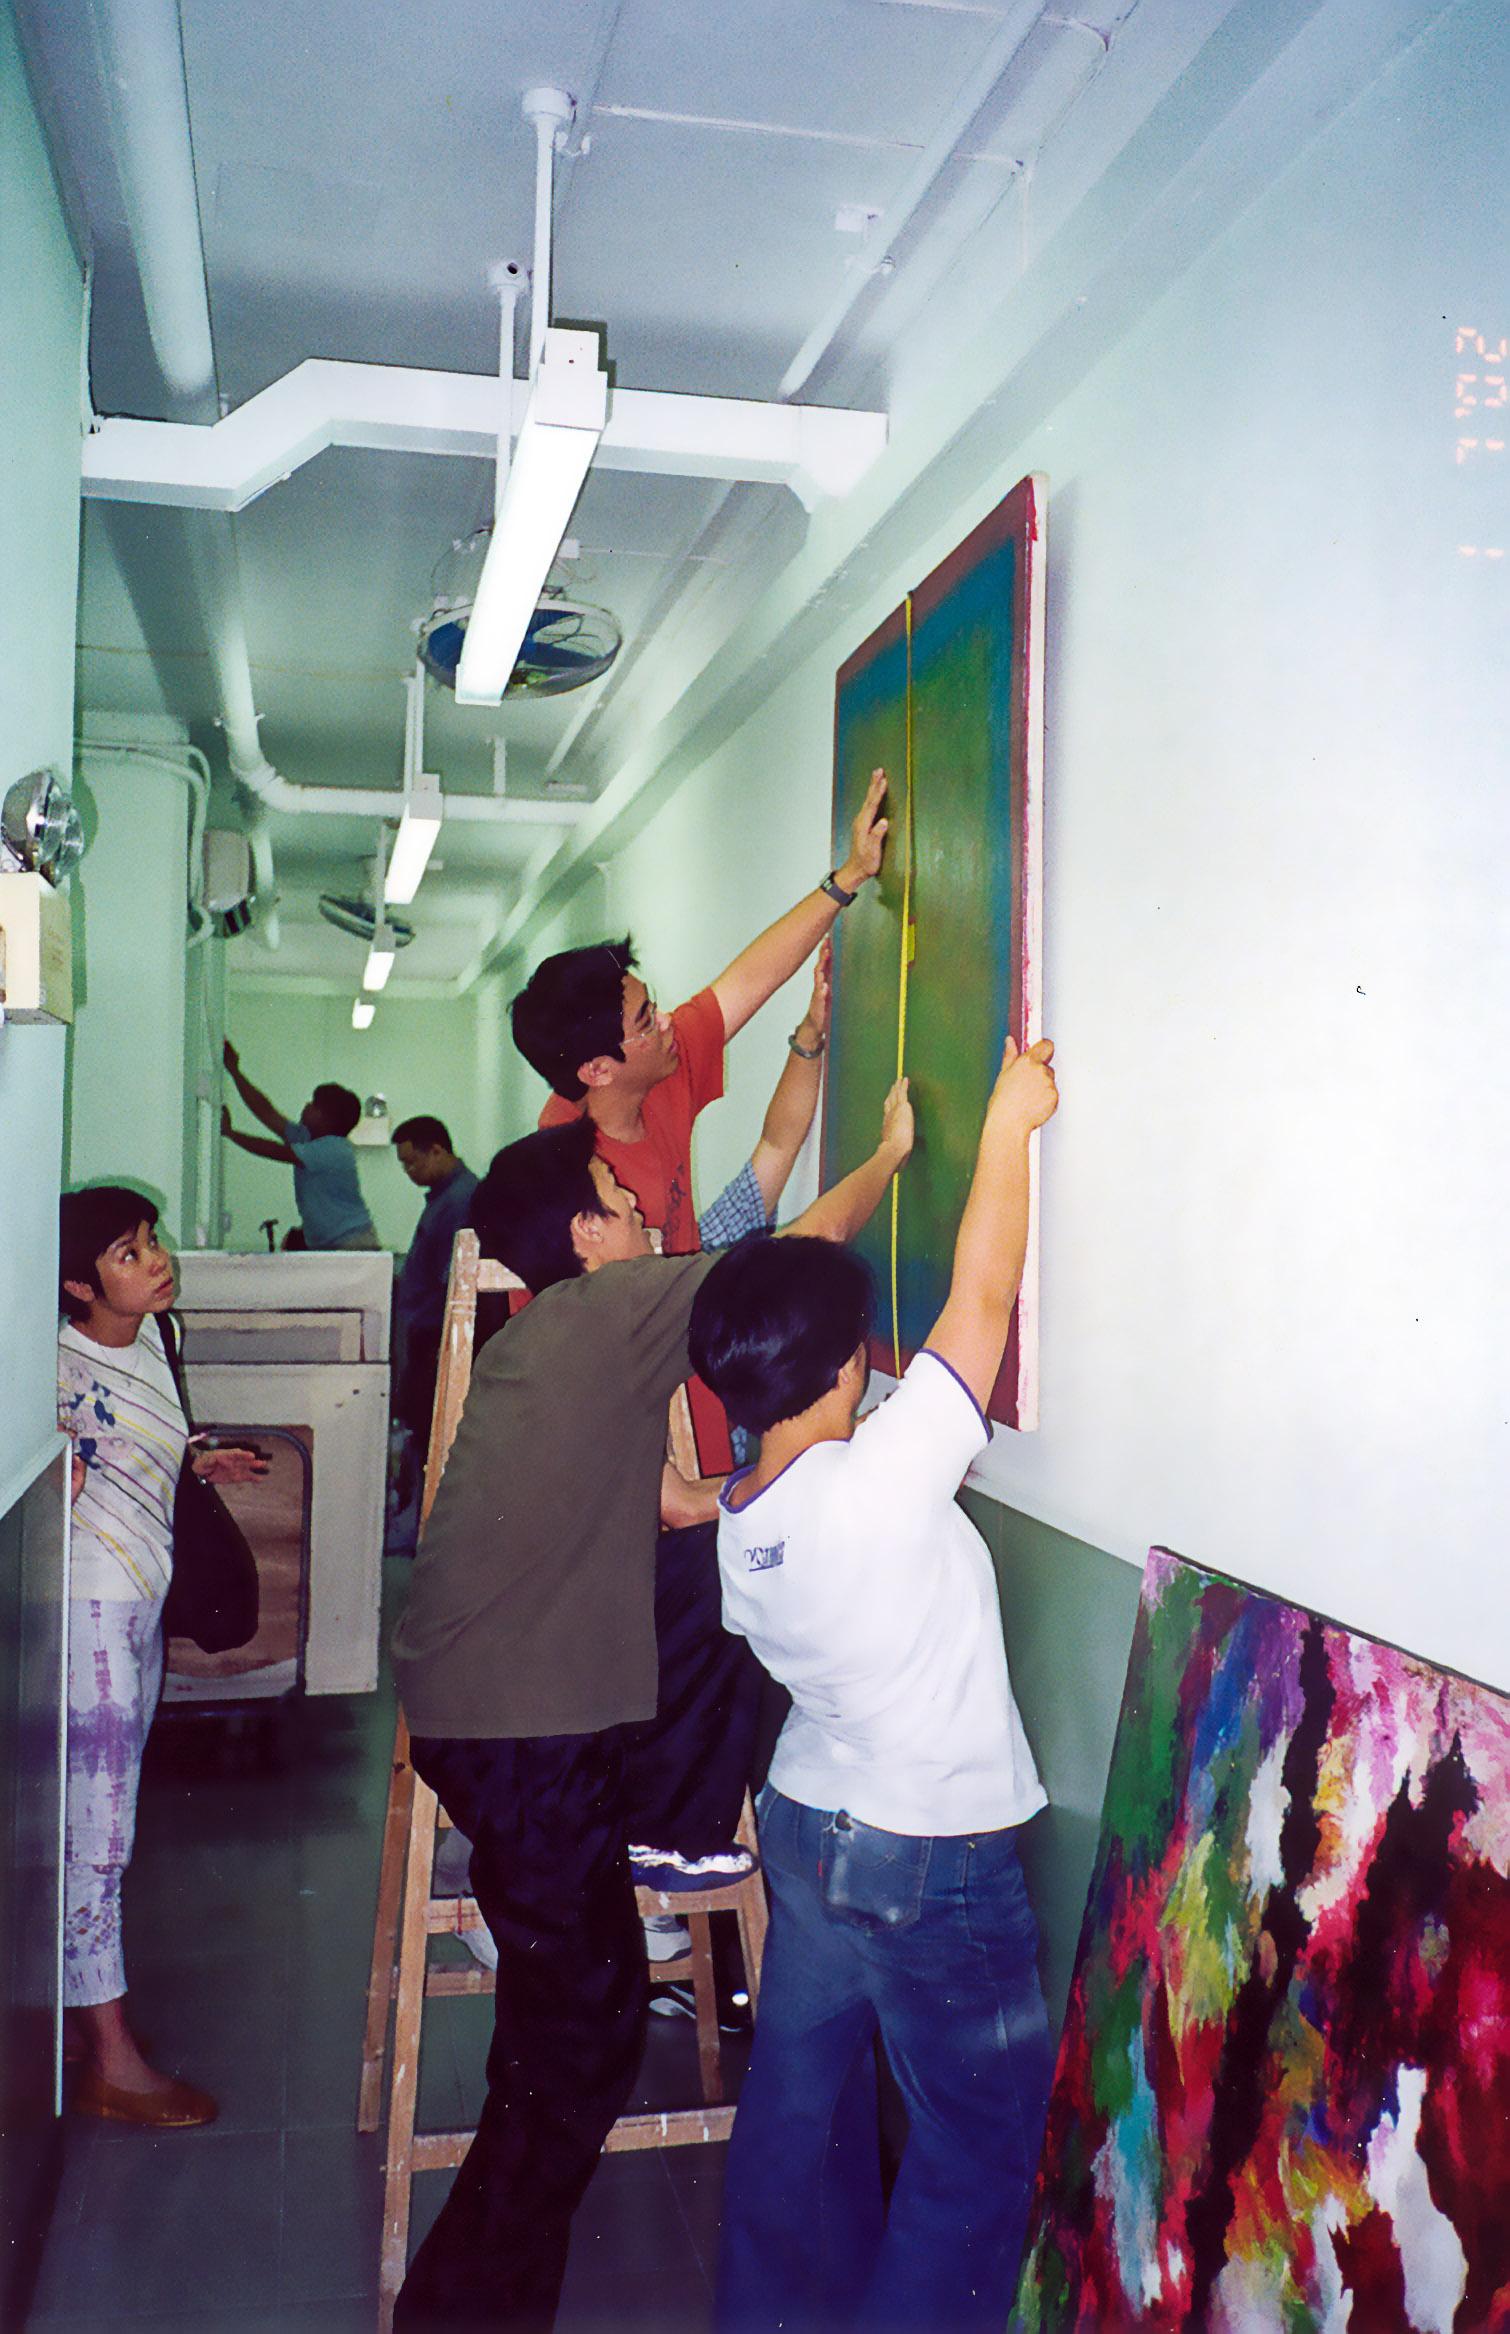 2002_基督教香港信义会天水围青少年综合服务_4